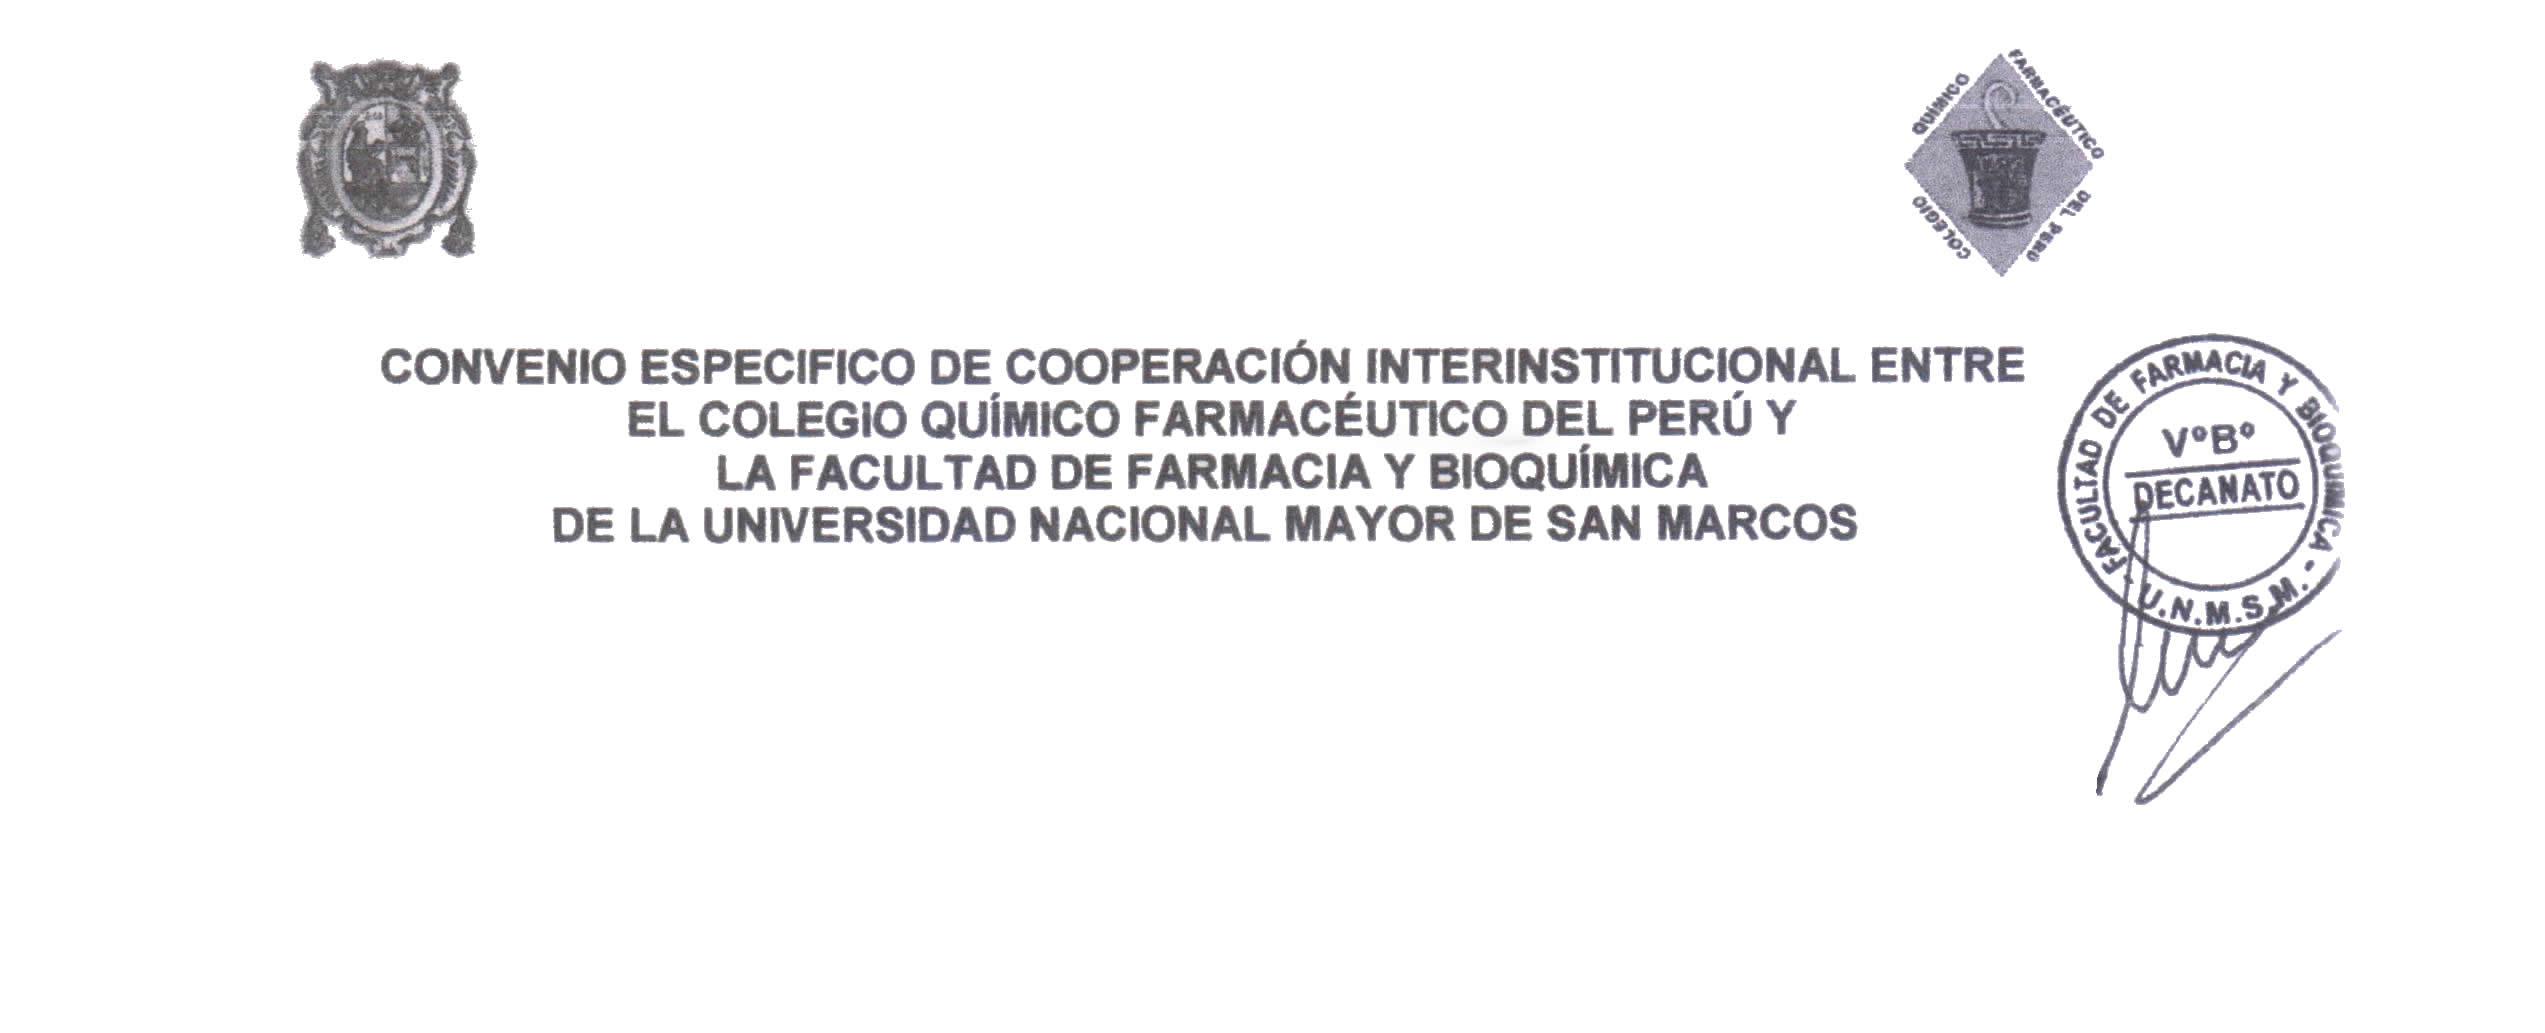 CONVENIO ESPECIFICO DE COOPERACIÓN INTERINSTITUCIONAL ENTRE EL CQFP Y LA FACULTAD DE FARMACIA Y BIOQUÍMICA DE LA UNMSN